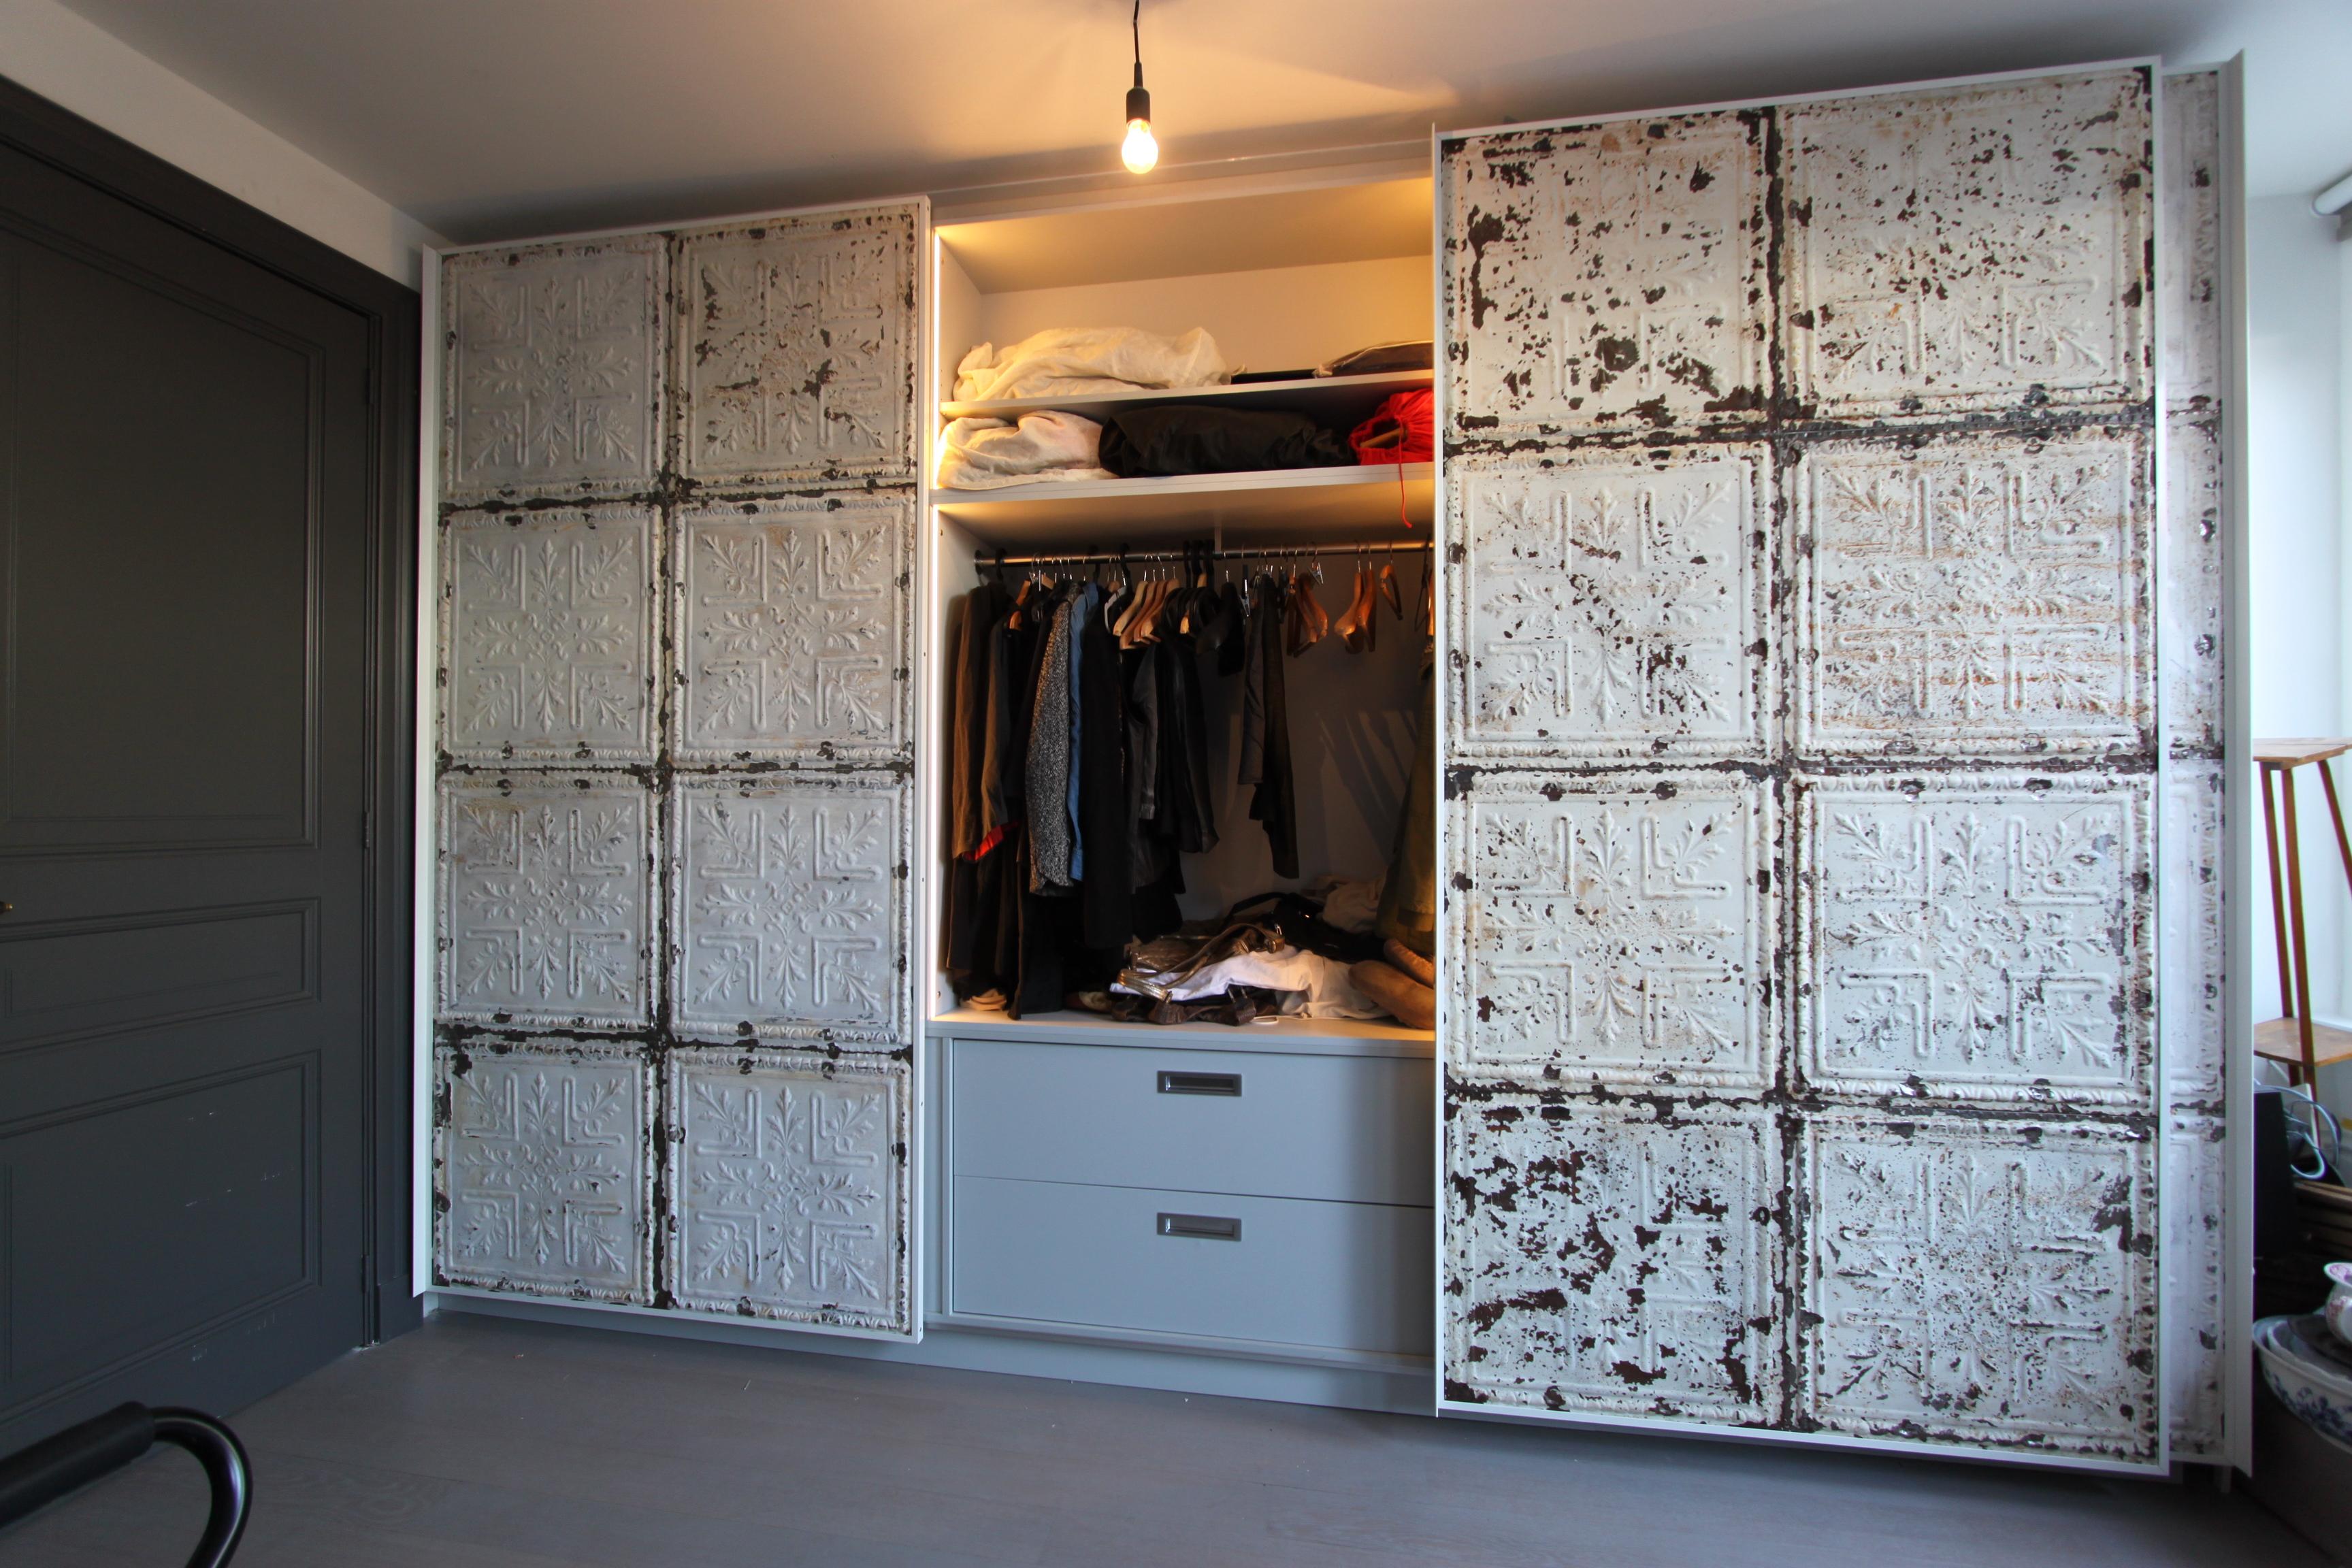 Garderobekast Schuifdeur Wit.3019 2 Schuifdeur Garderobekast Wit Brocante Panelen 2d W